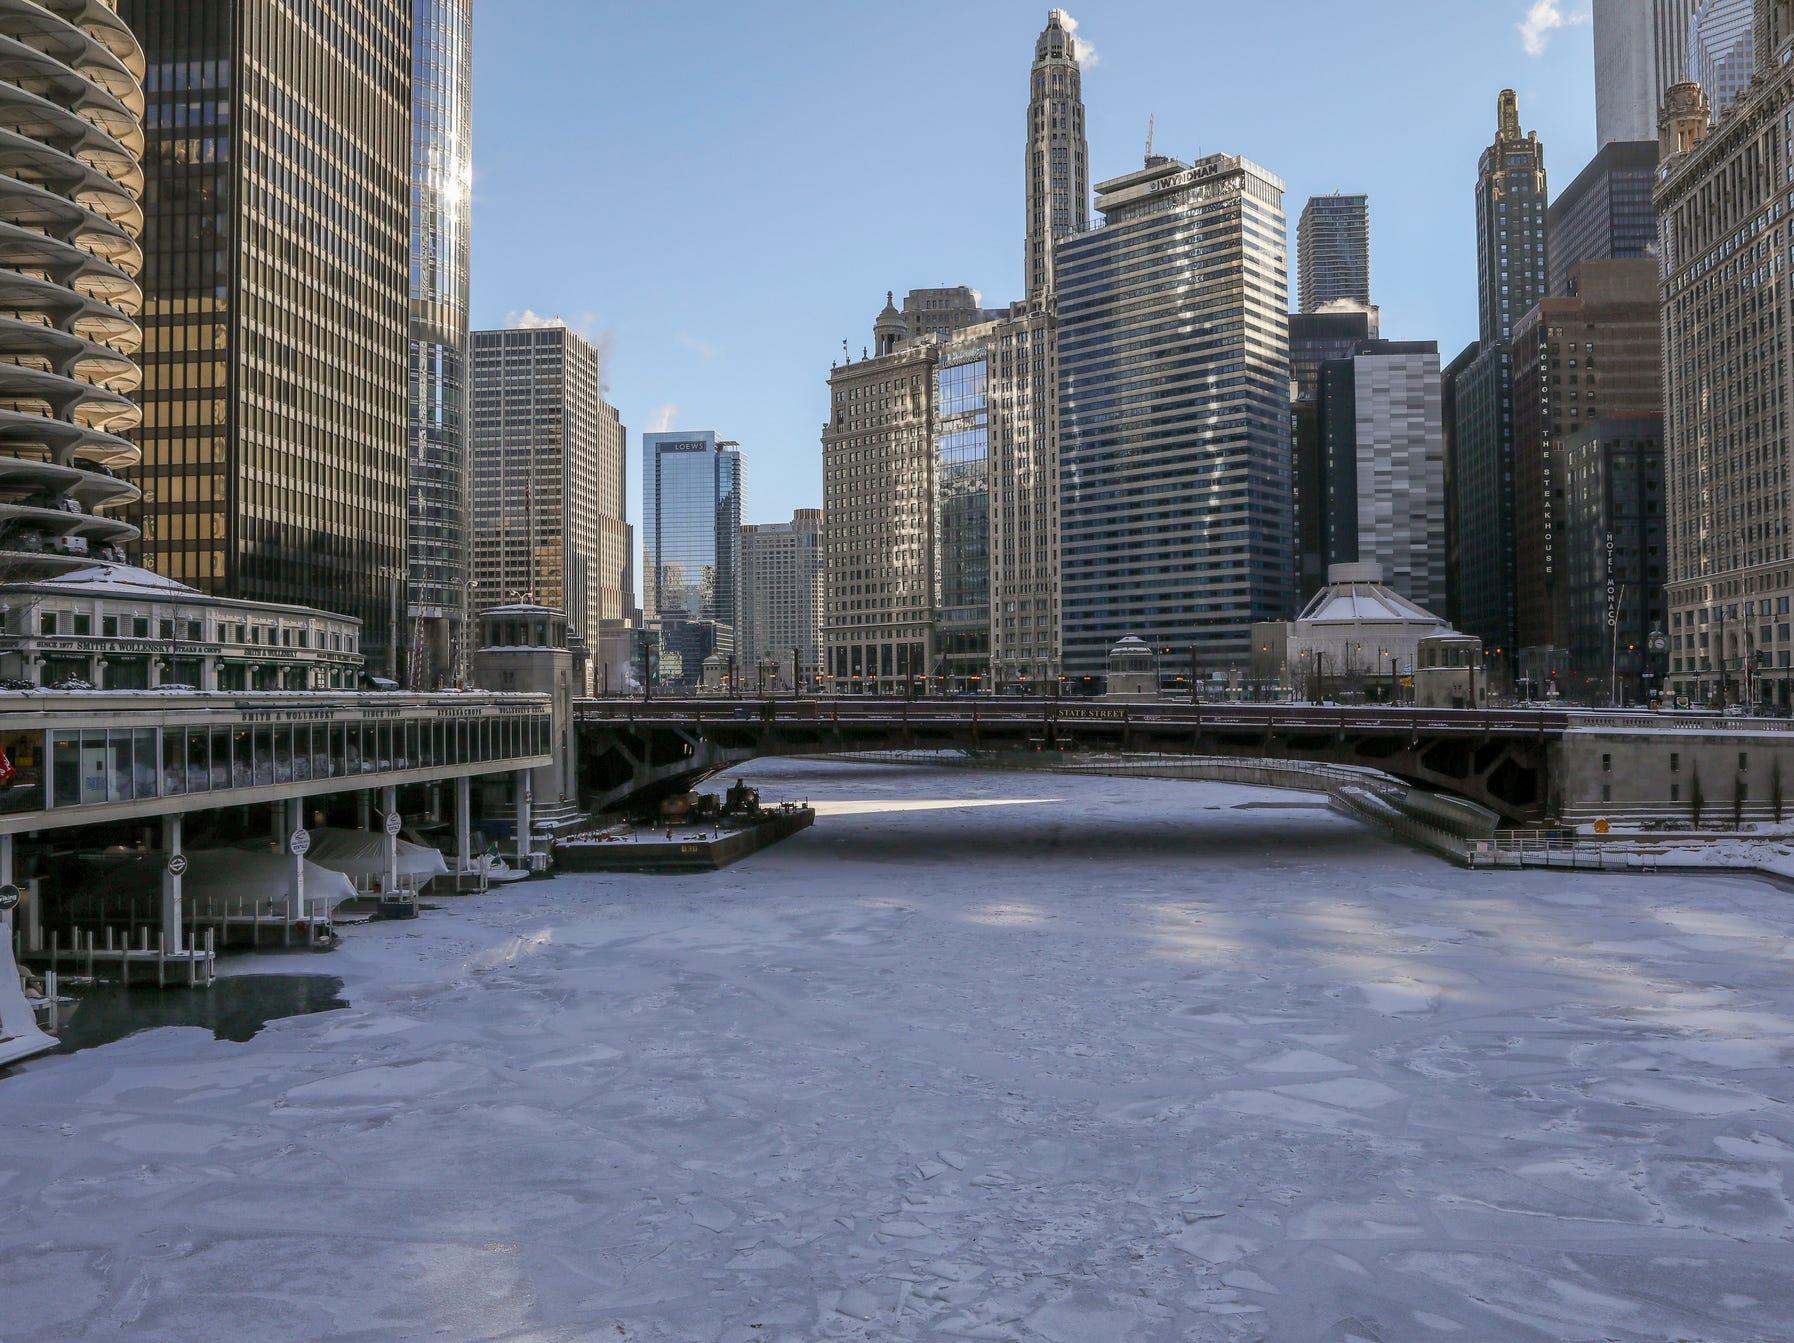 El hielo cubre el río Chicago el miércoles 30 de enero de 2019, en Chicago.